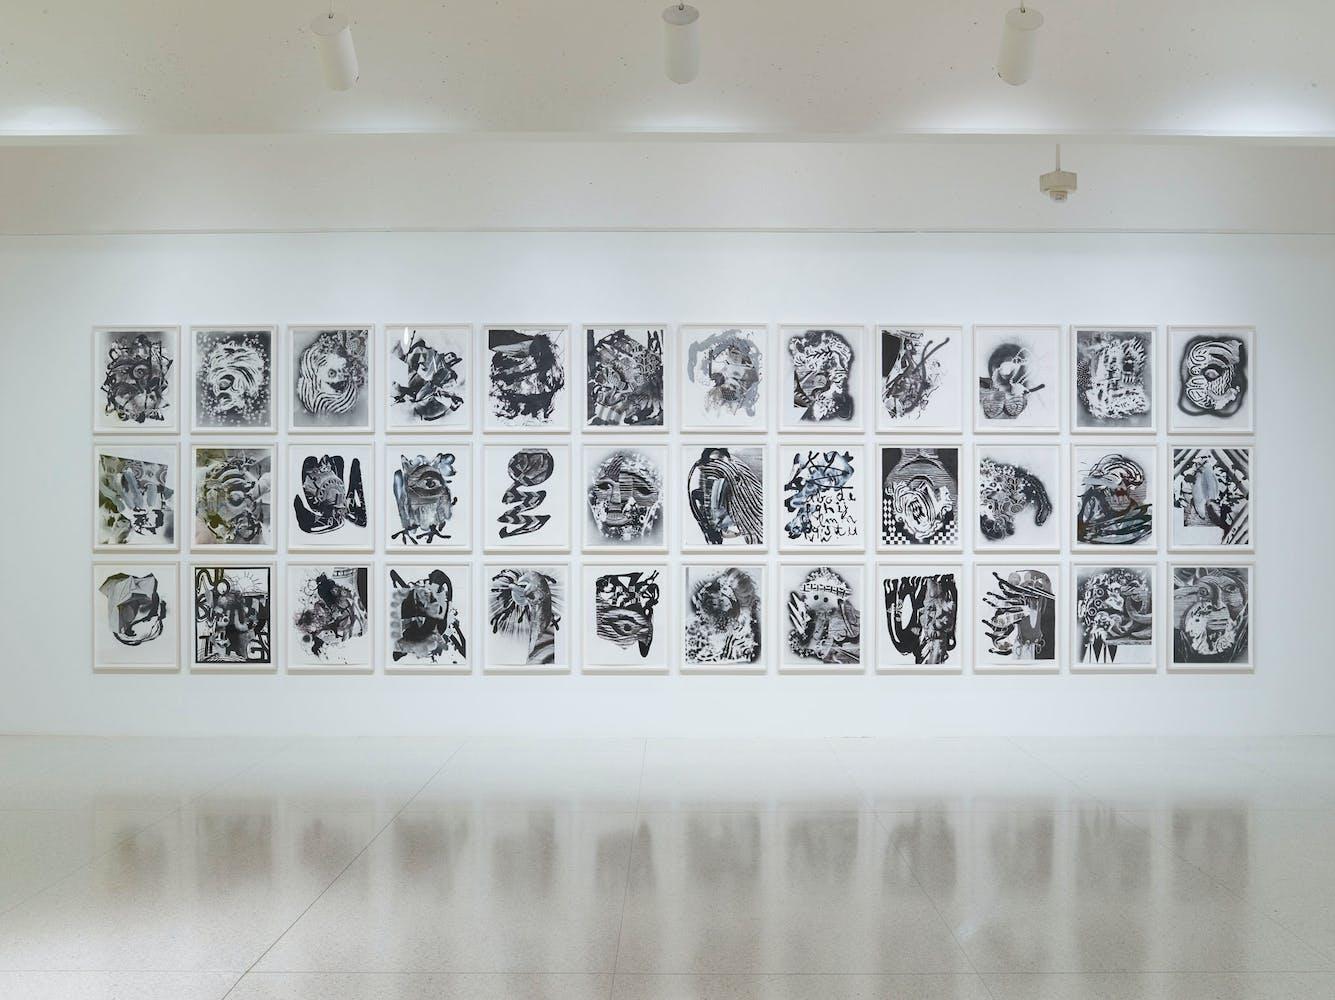 View of the exhibition Less Than One, 2016; Charline von Heyl, Folk Tales, 2014 (Photo: Gene Pittman, ©Walker Art Center)